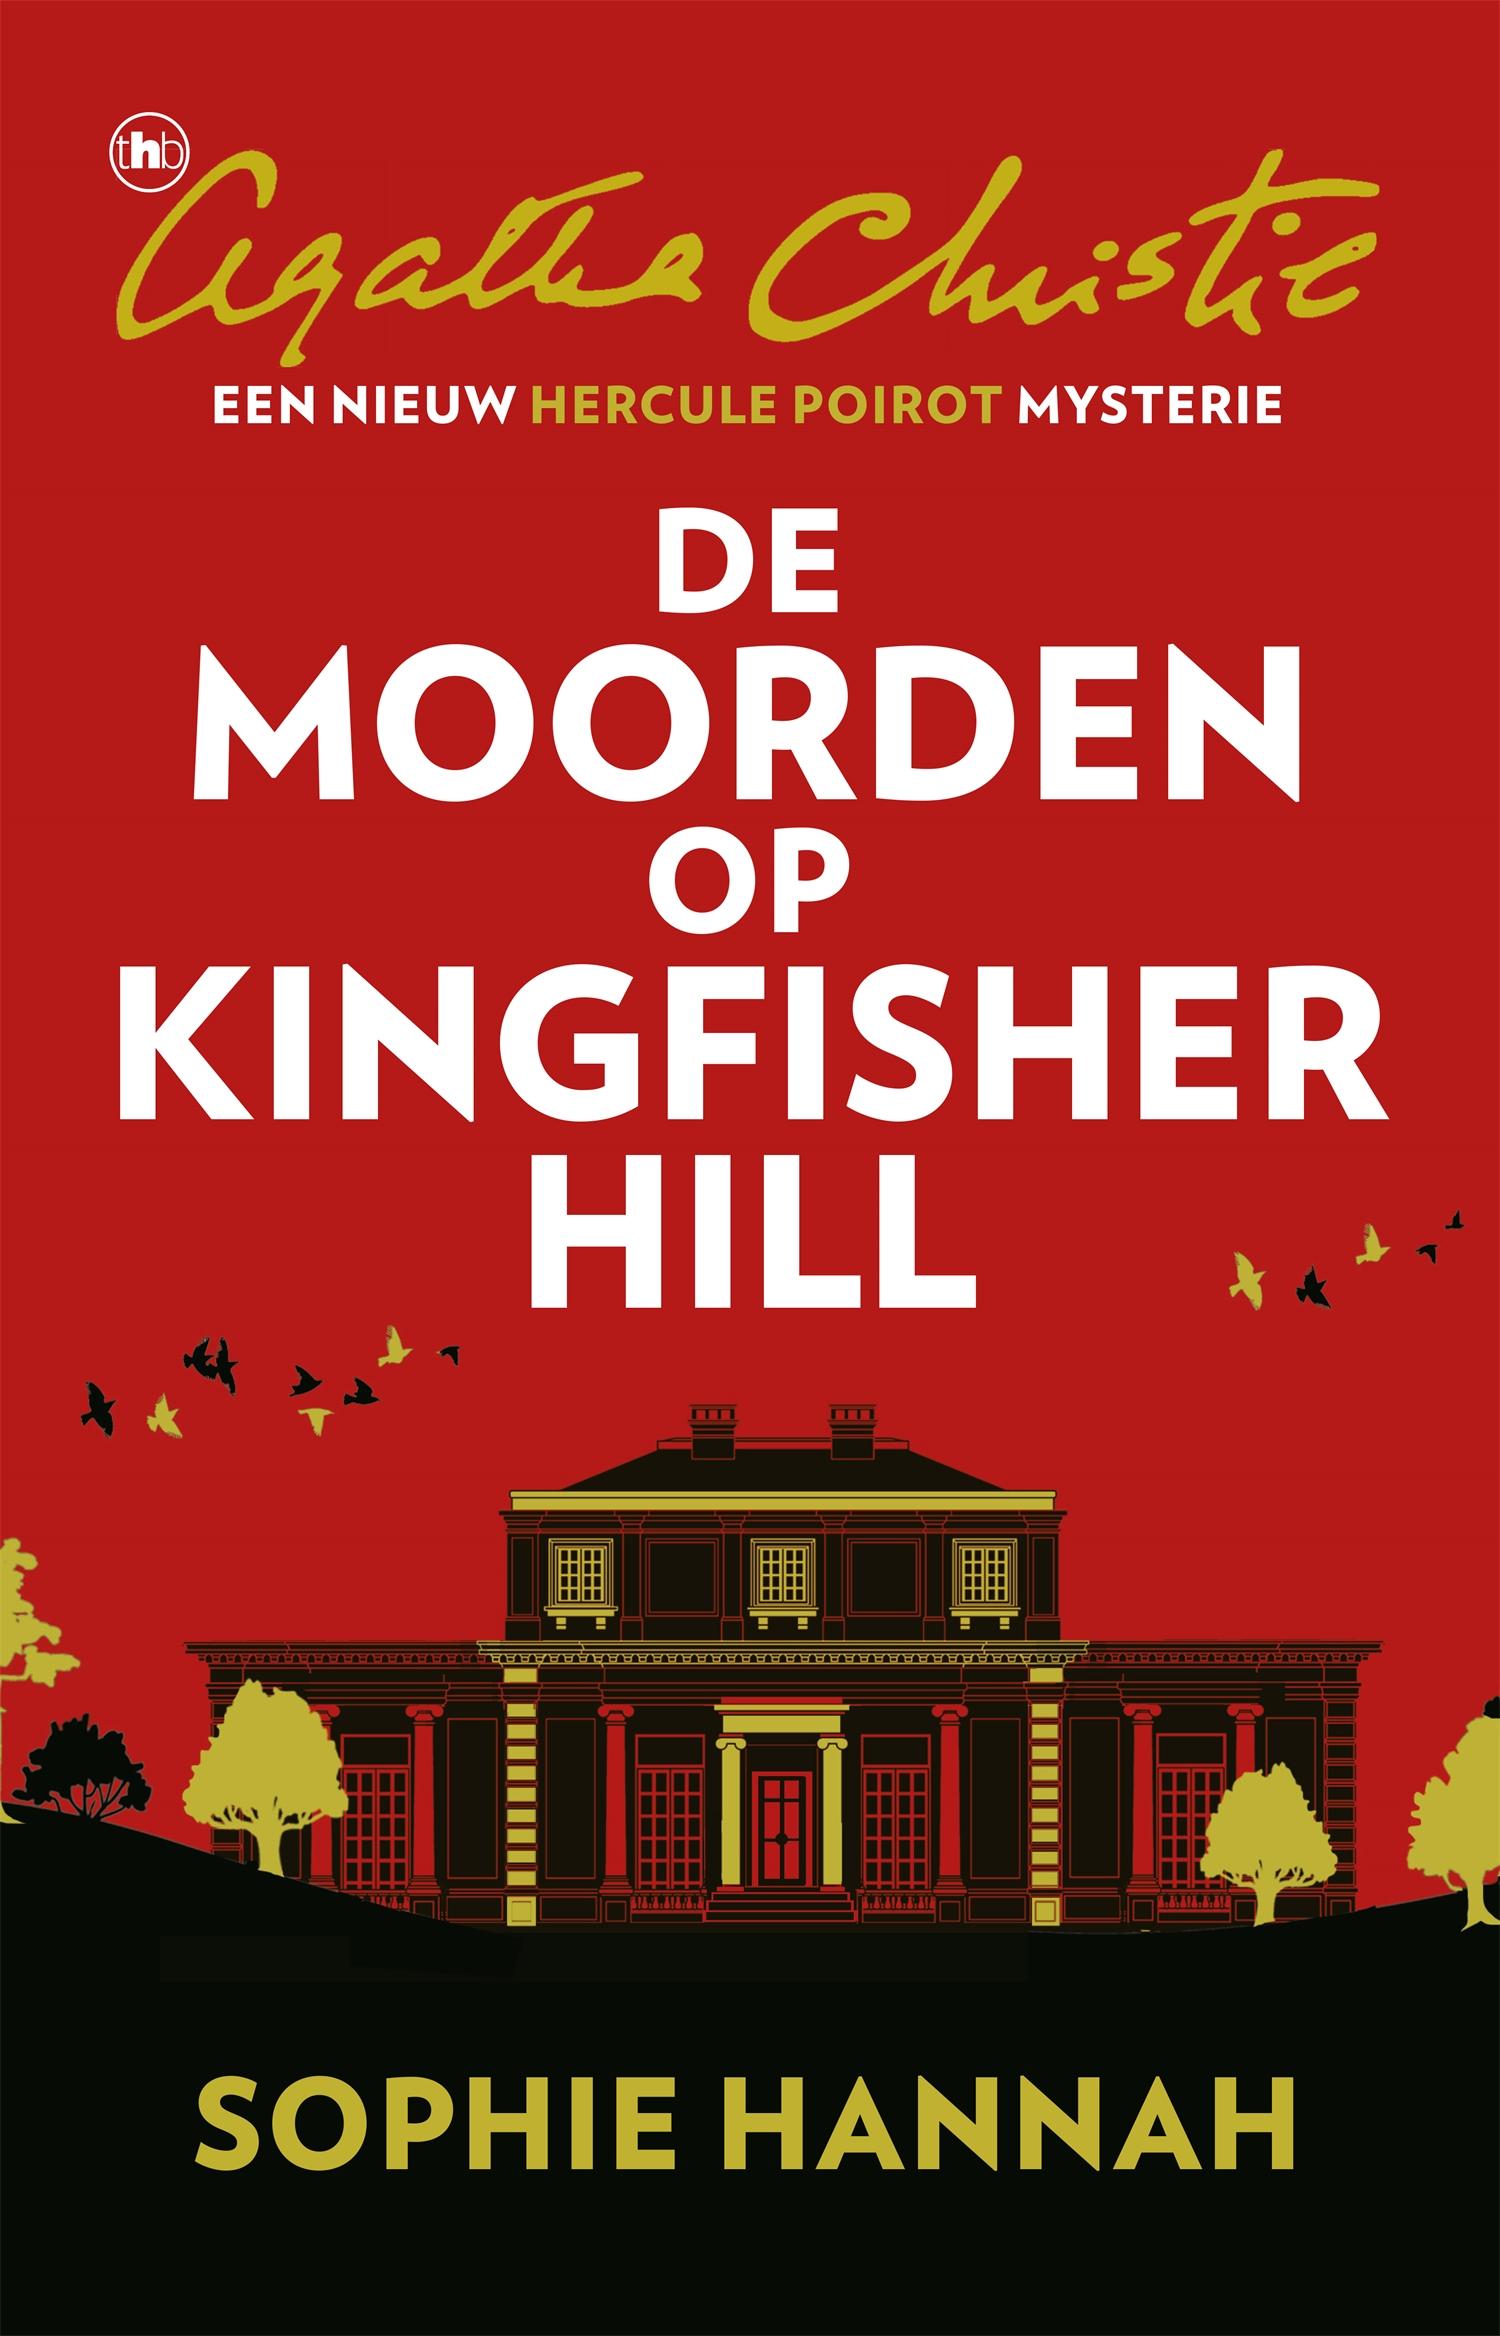 De moorden op Kingfisher Hill - boekenflits